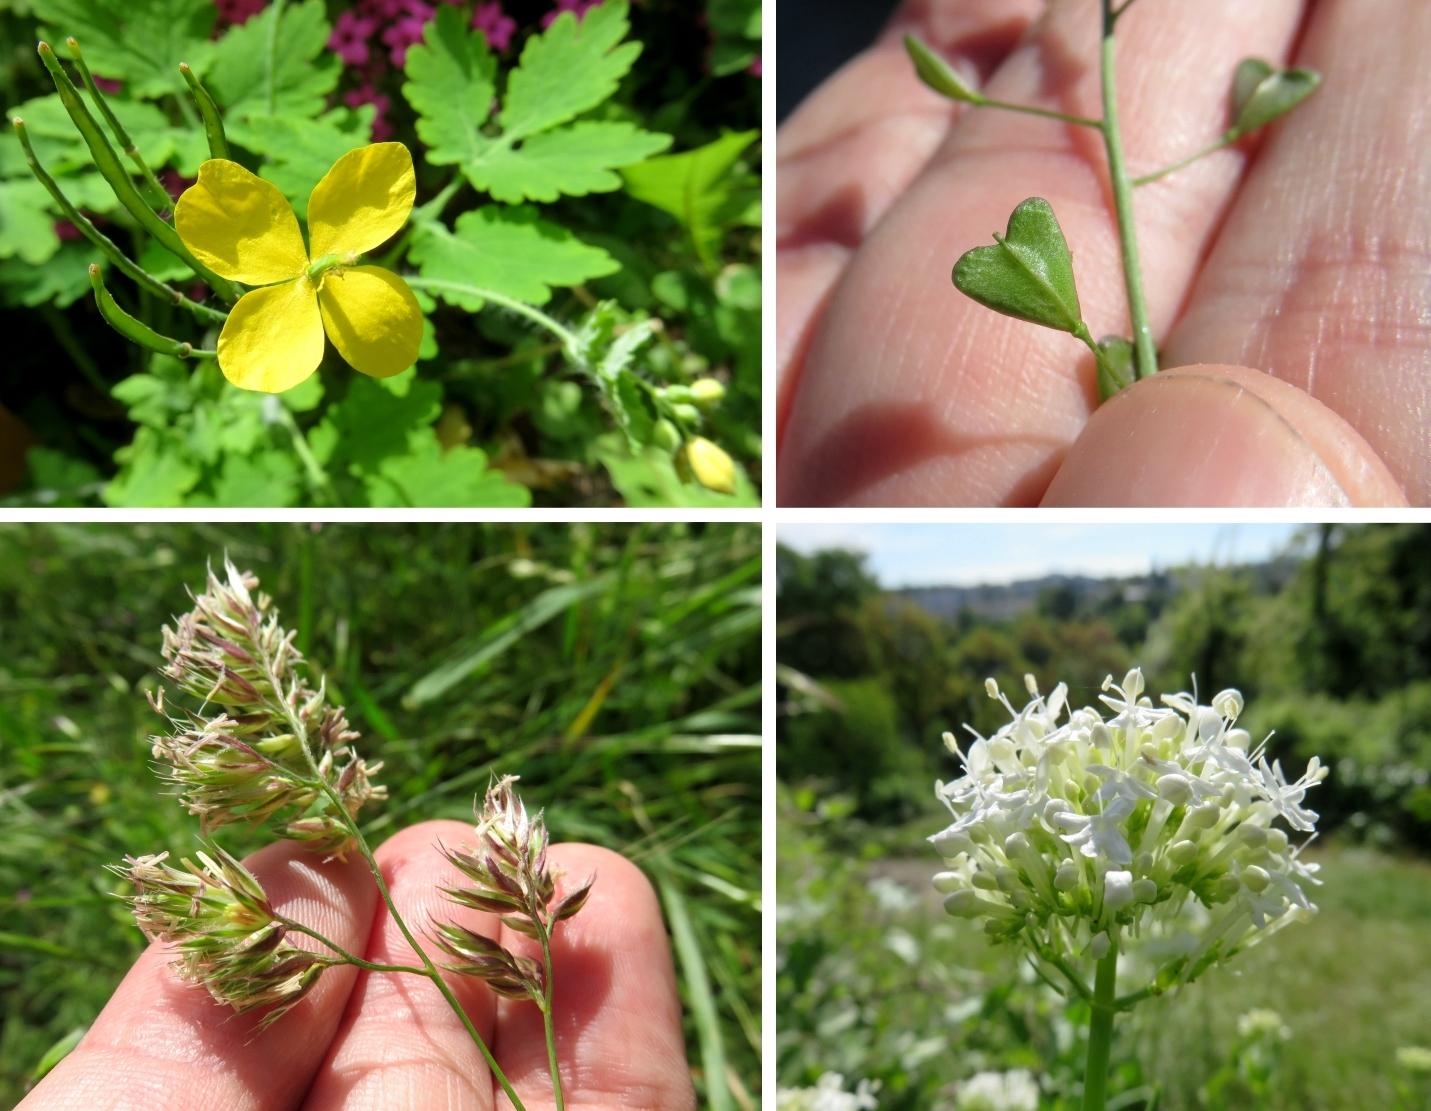 Voile D Ombrage Botanic Beau Photographie Sauvages Du Poitou Résultats De La Recherche